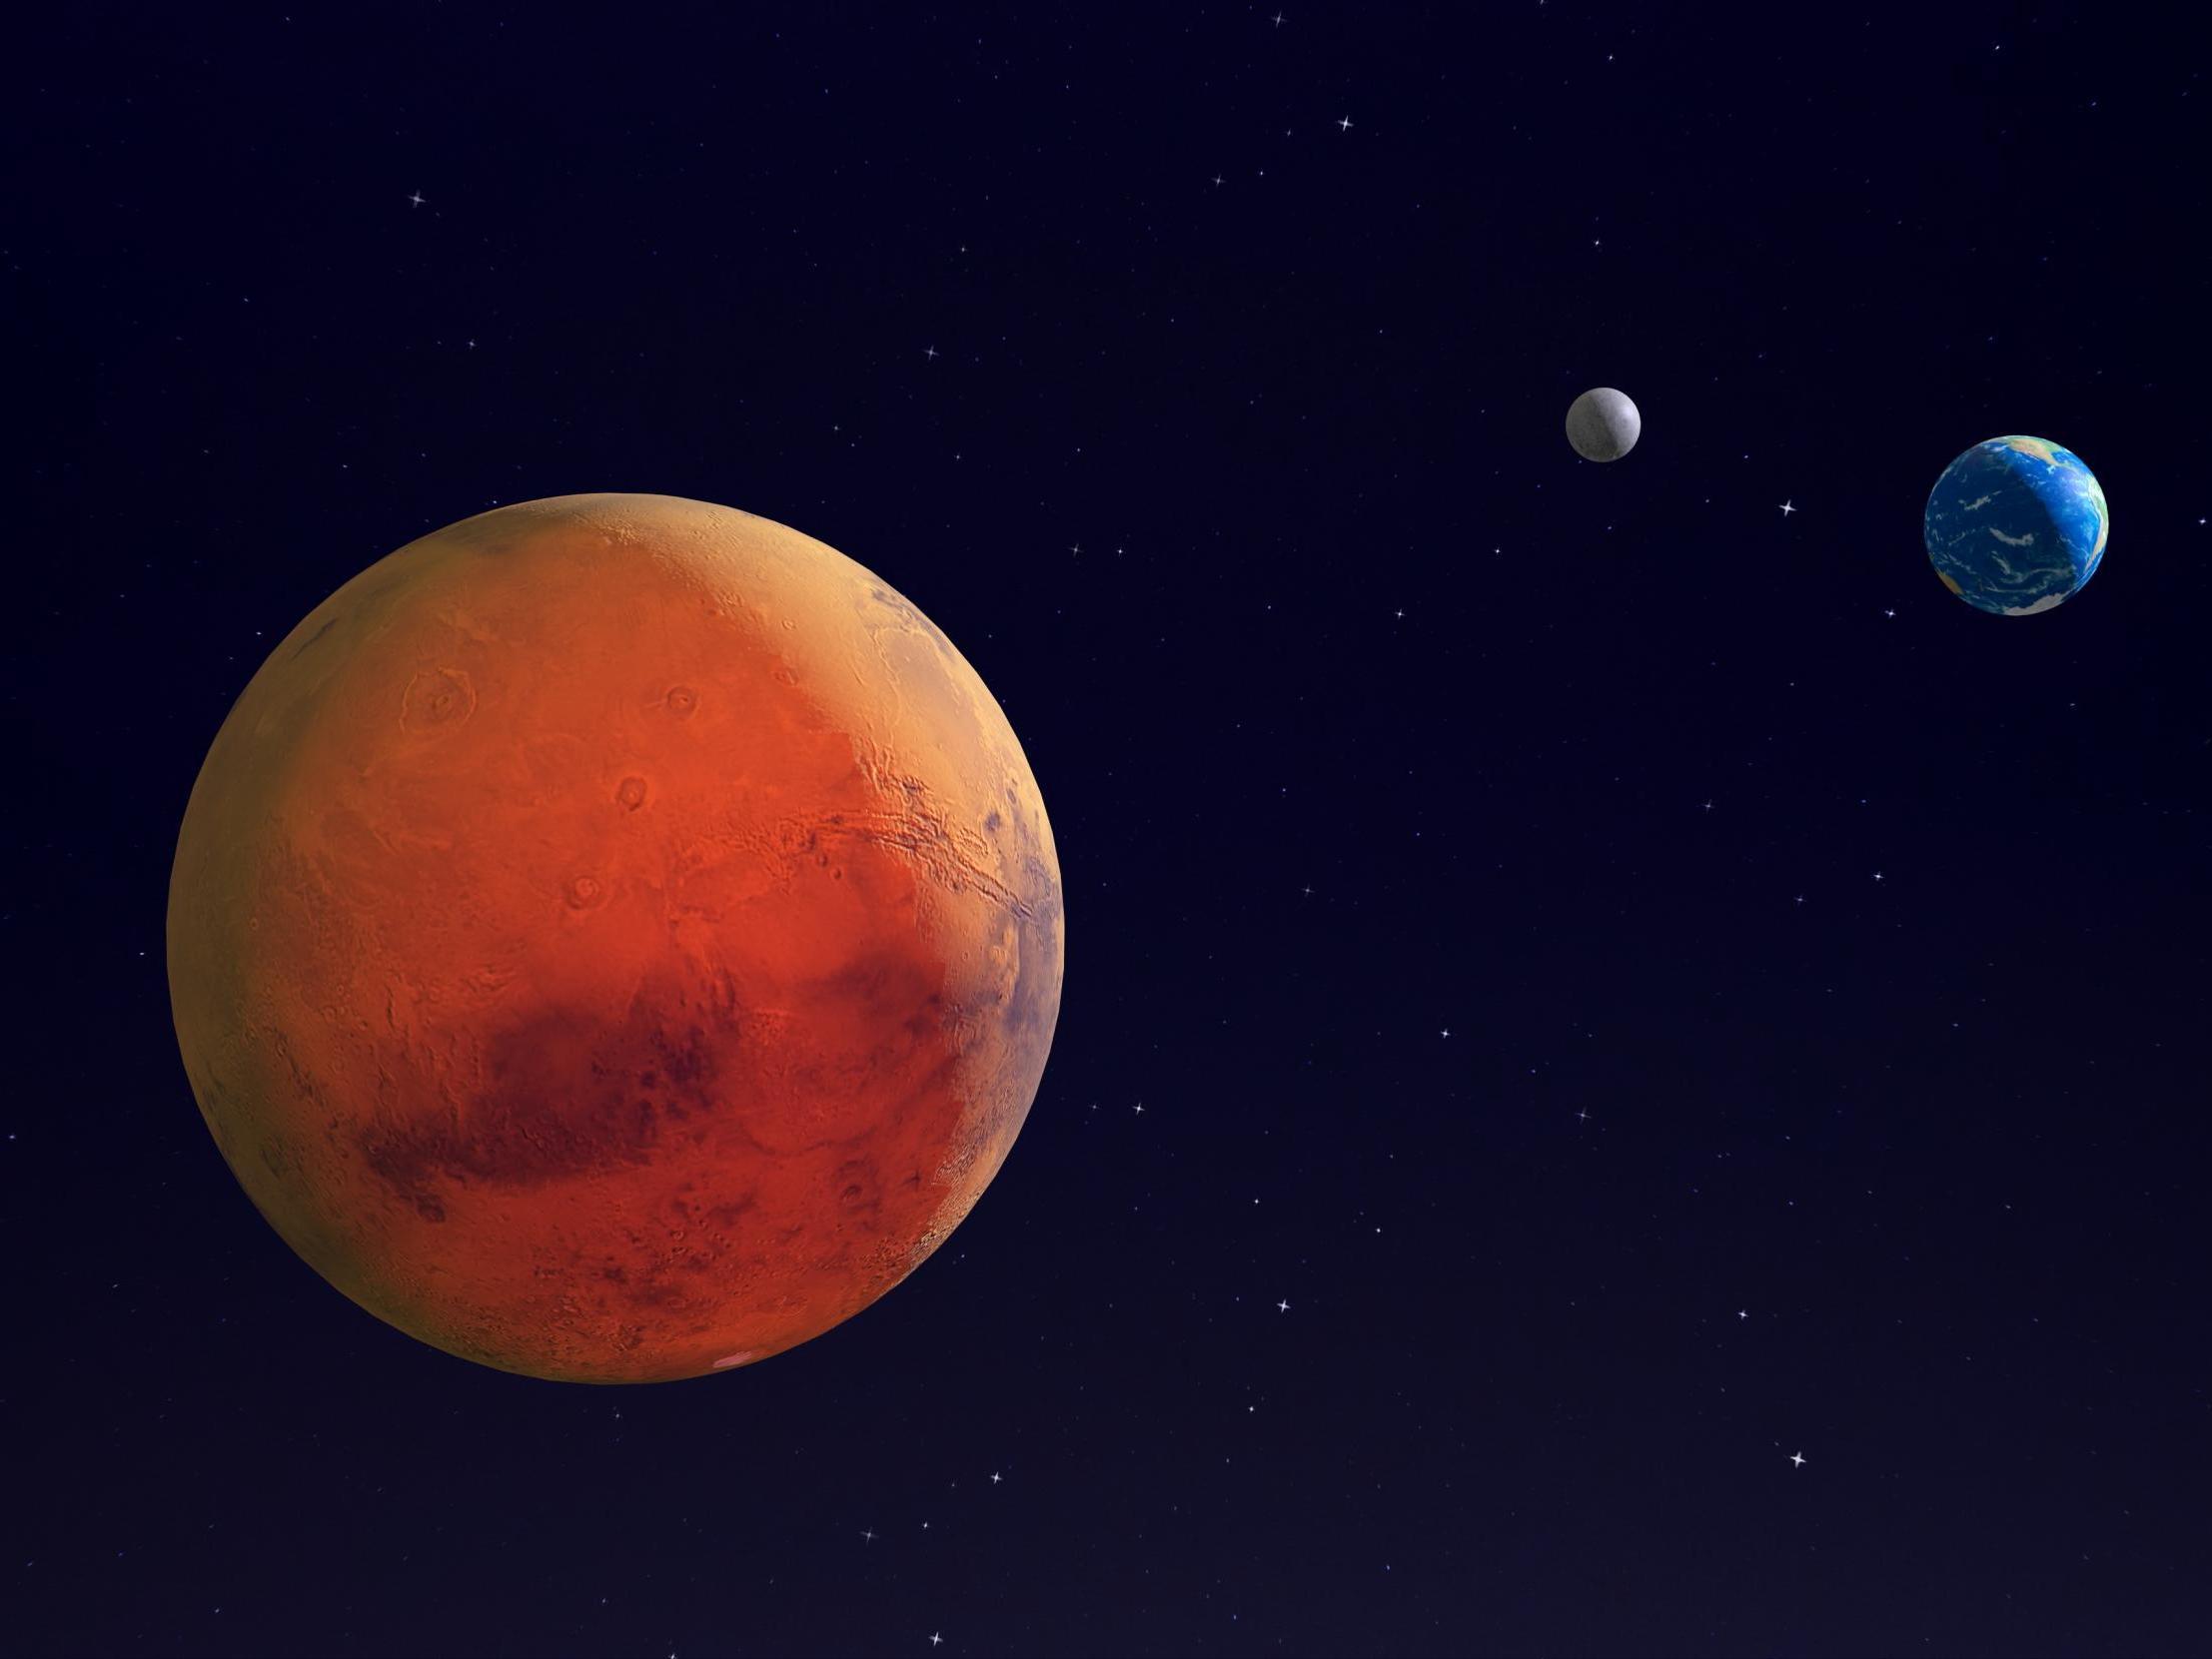 """""""Надежда"""" появится ночью. Первая арабская миссия к Марсу через пару часов отправится с японской территории"""